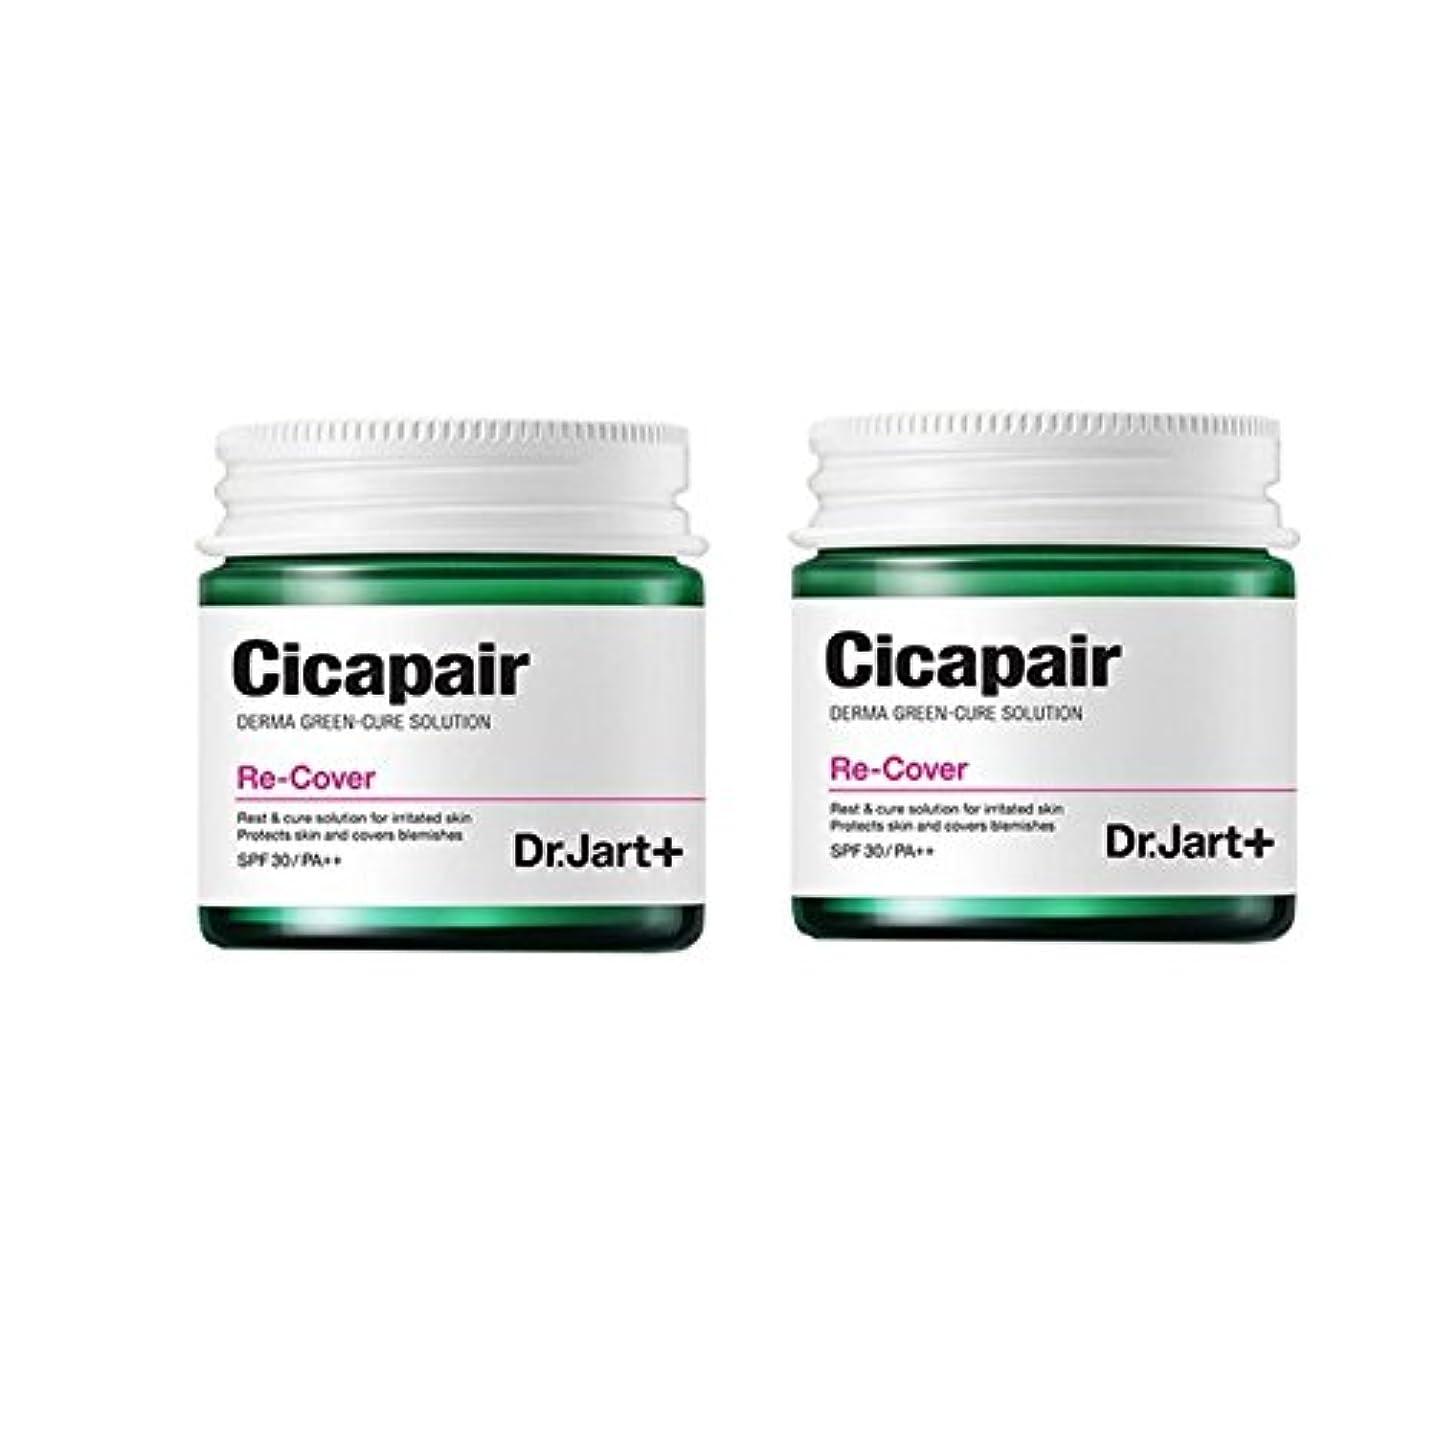 リークパズル保守可能ドクタージャルトゥ(Dr.Jart+) シカフェアリコボ 50ml x 2本セット (SPF30/PA++)、Dr.Jart+ Cicapair Re-Cover (SPF30 / PA++) 50ml x 2ea Set [並行輸入品]